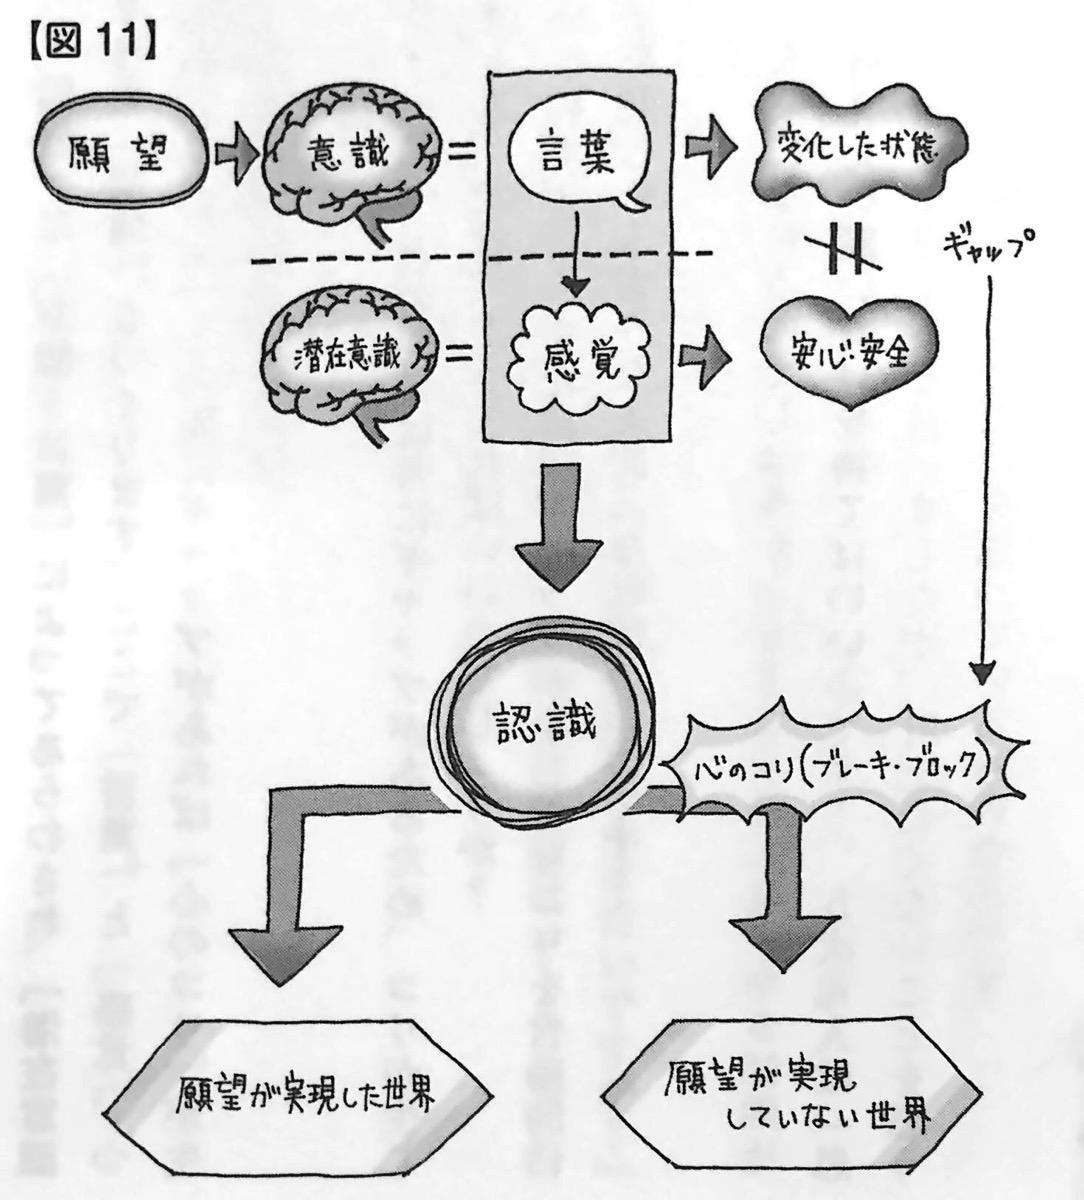 図11 願望が実現に向かうまでのフローチャート 言葉 が人生を変えるしくみ 第3章